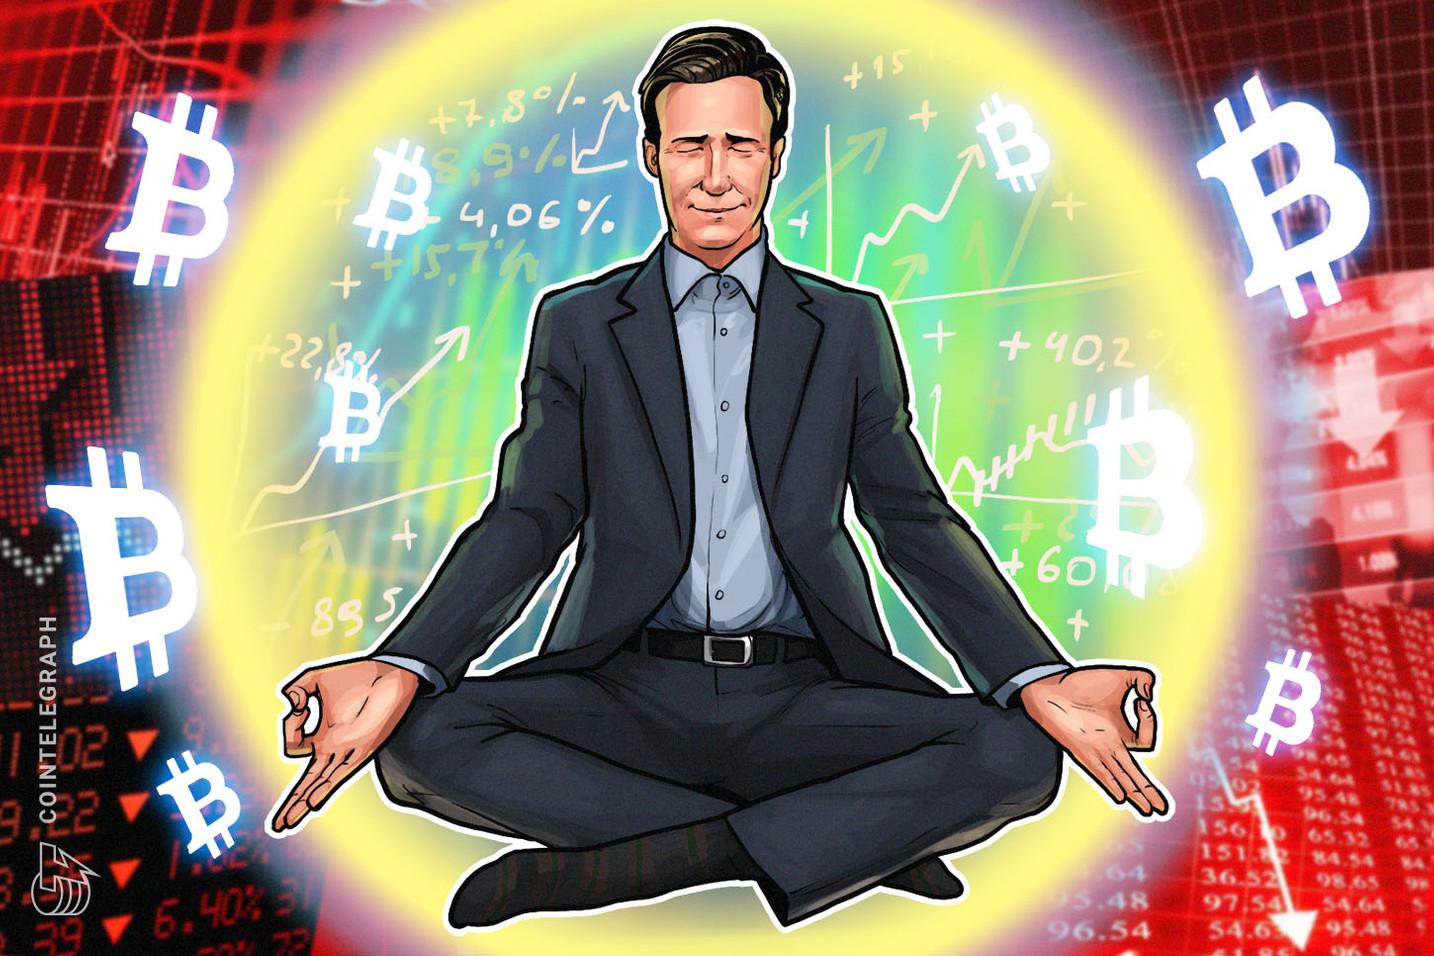 El precio de Bitcoin cae hasta alcanzar los USD 8,000, ¿el hype por el halving se desvanece?